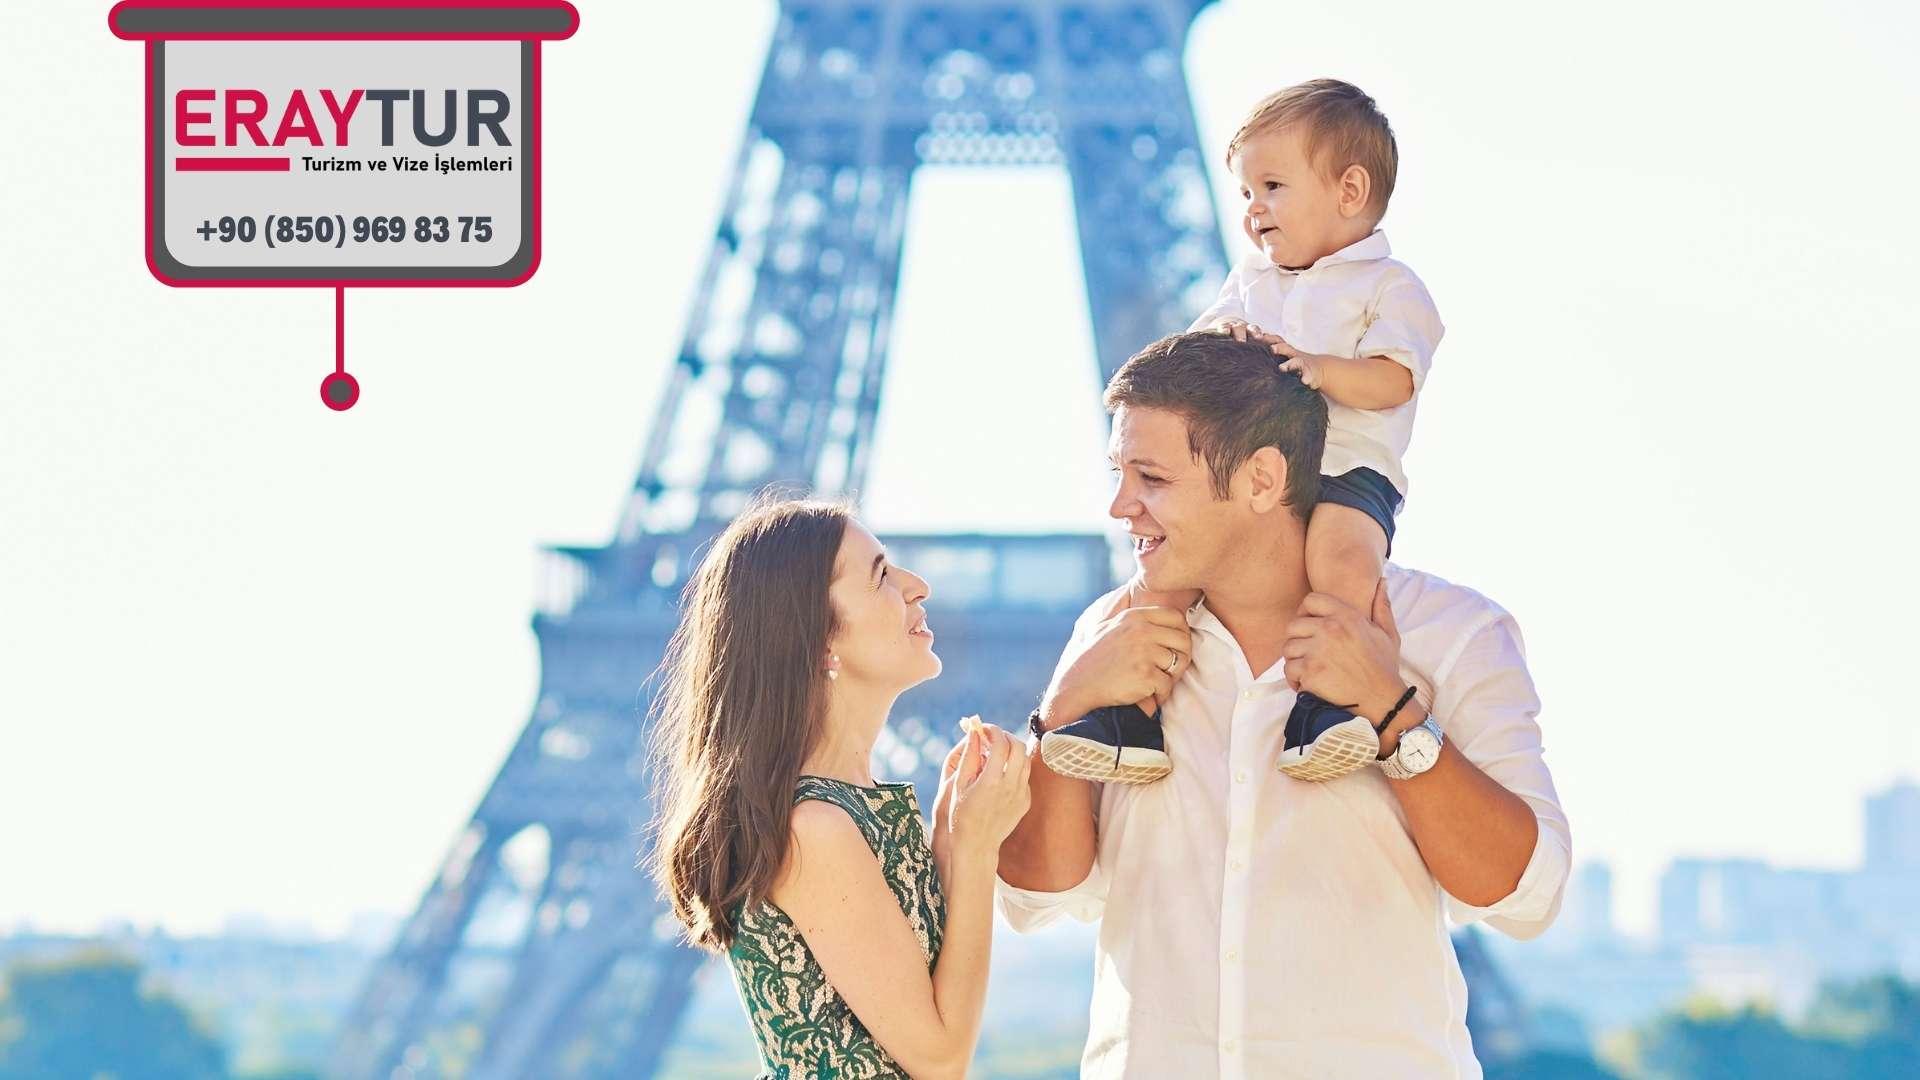 Fransa Aile Ziyareti Vize İçin Gerekli Evraklar